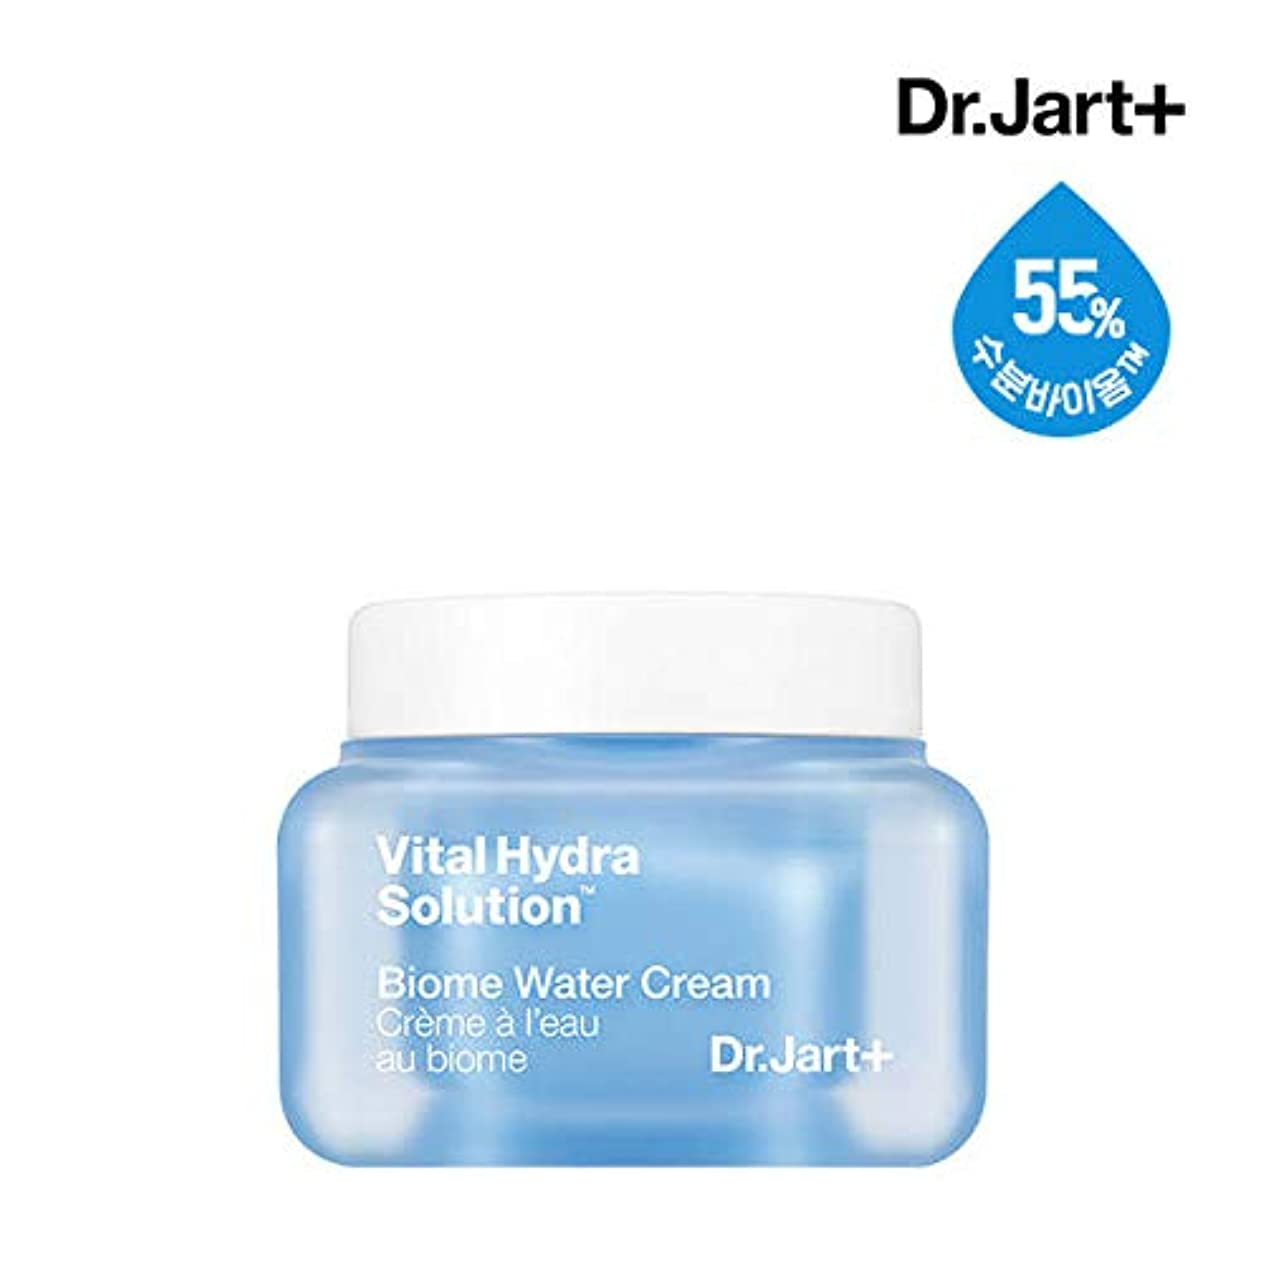 追記ライム場合ドクタージャルトゥ[Dr.Jart+] バイタルハイドラソリューションバイオームウォータークリーム50ml (Vital Hydra Solution Biome Water Cream) /リフレッシュハイドレーション